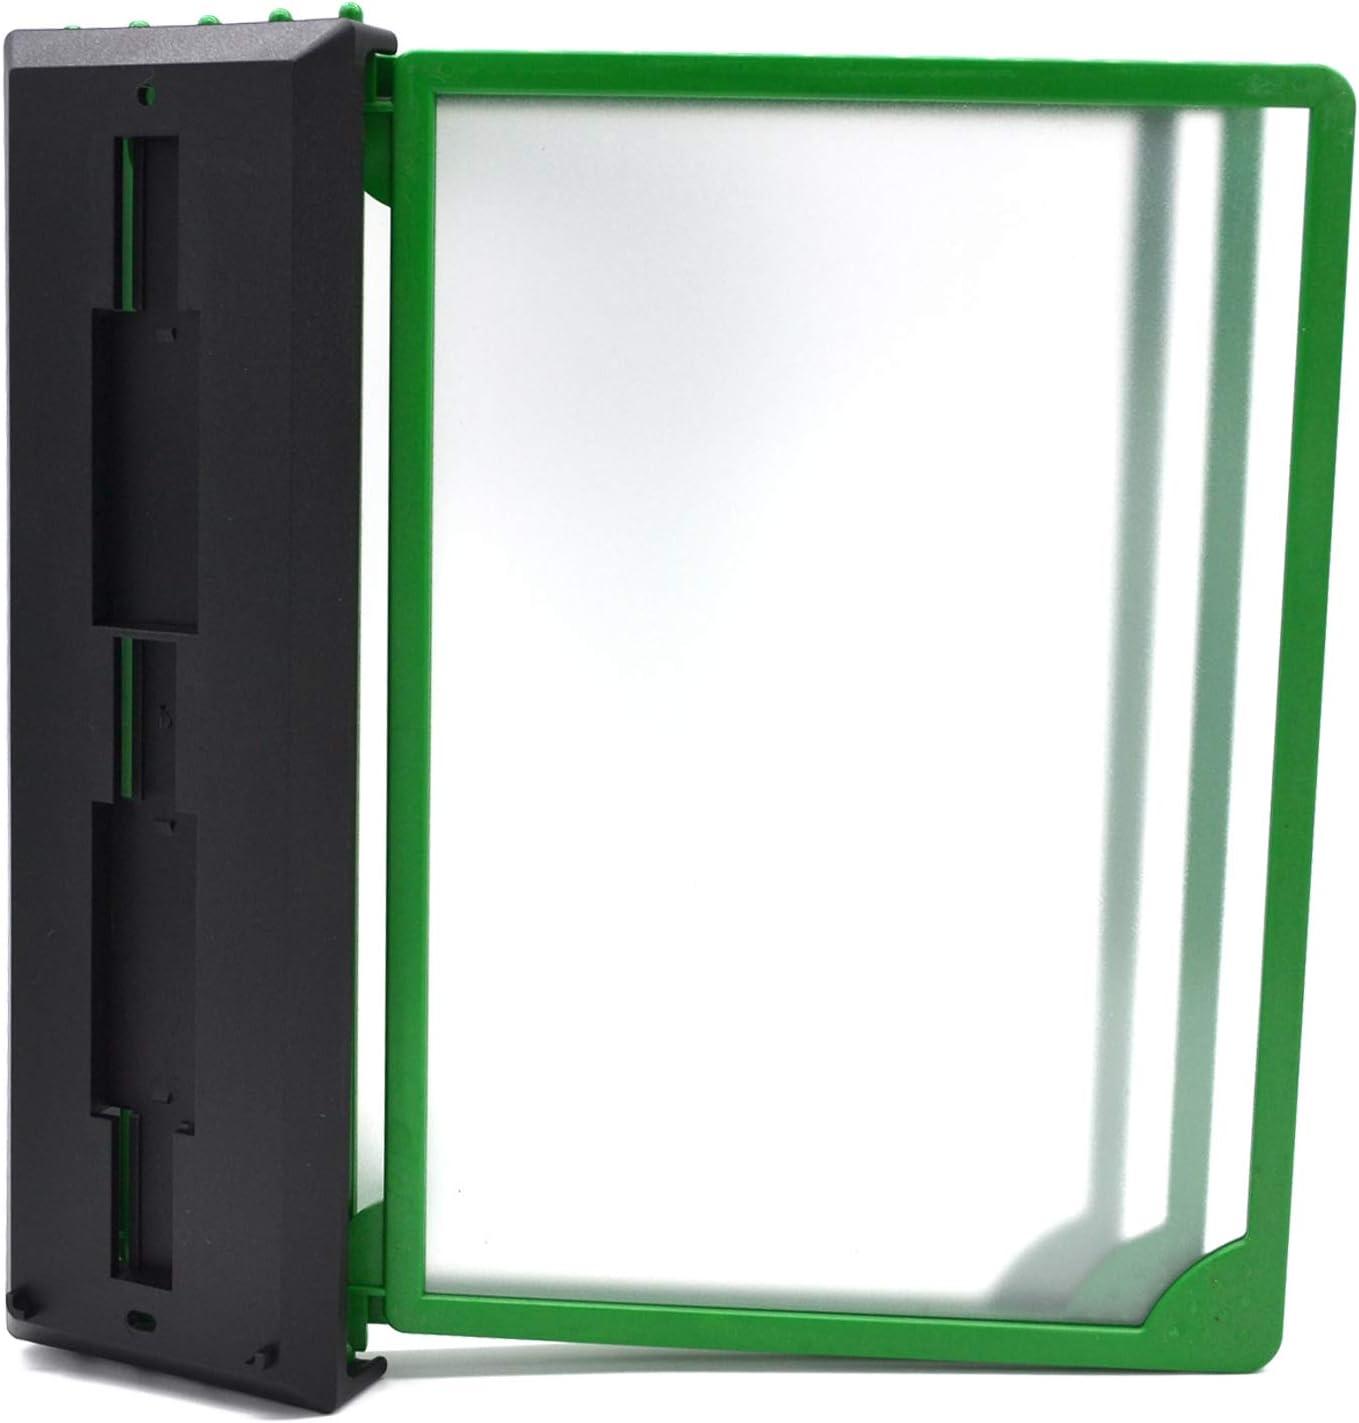 Sichttafelsystem A4 Kassenst/änder Wandmontage 5 oder 10 Rahmen versch Farben